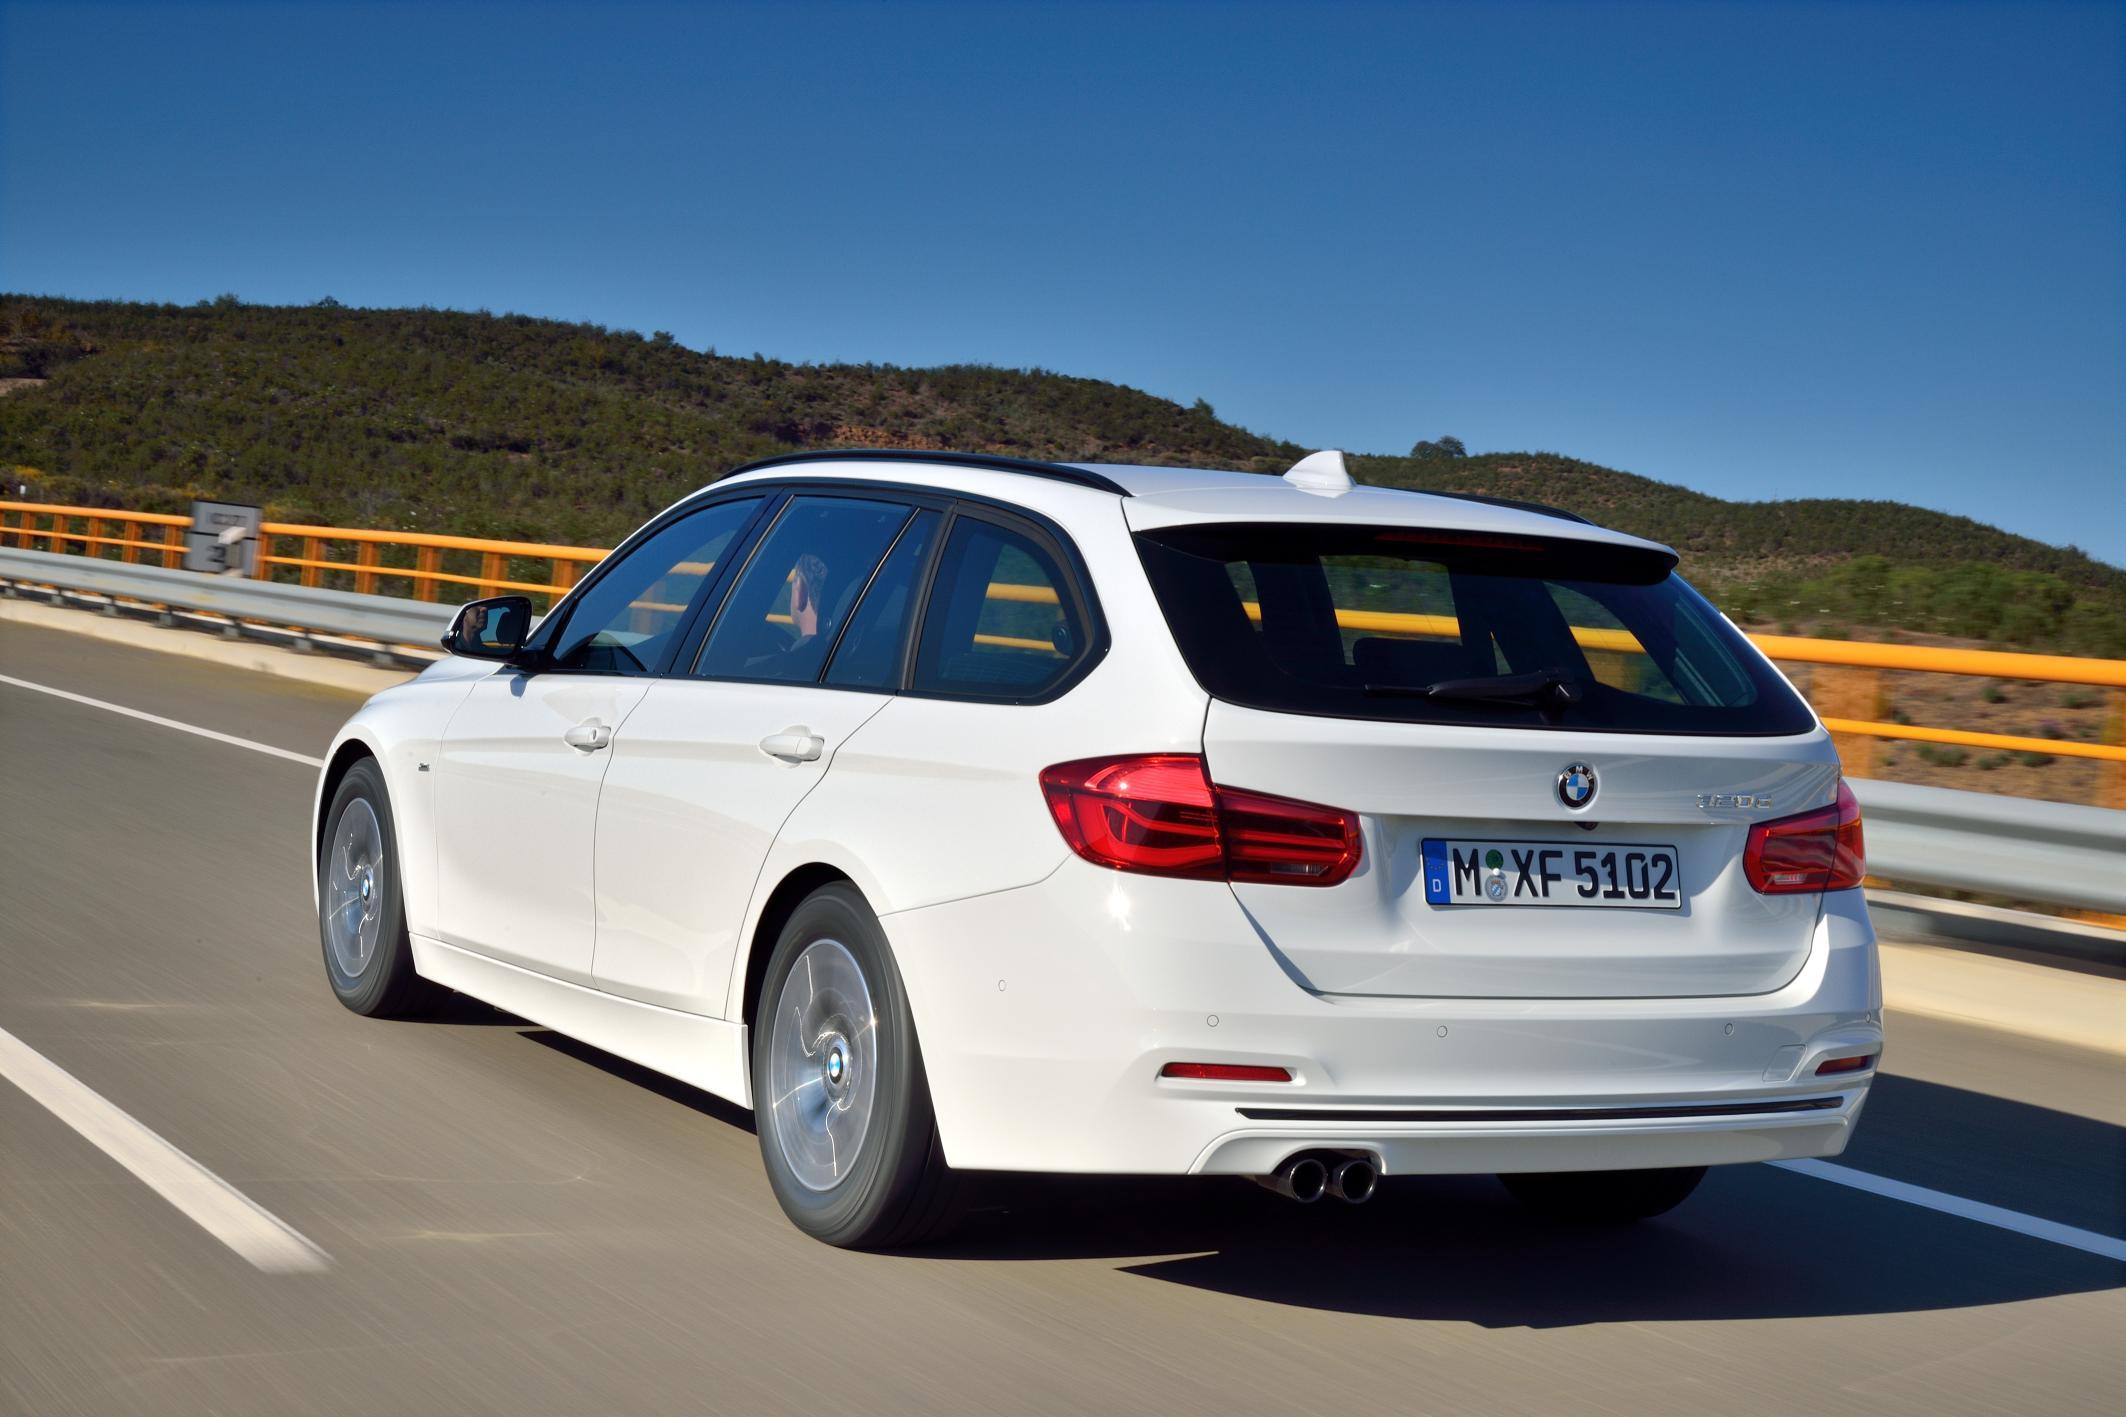 Esta es la lista de precios actualizados para el BMW Serie 3 Sedán y Tourer 1